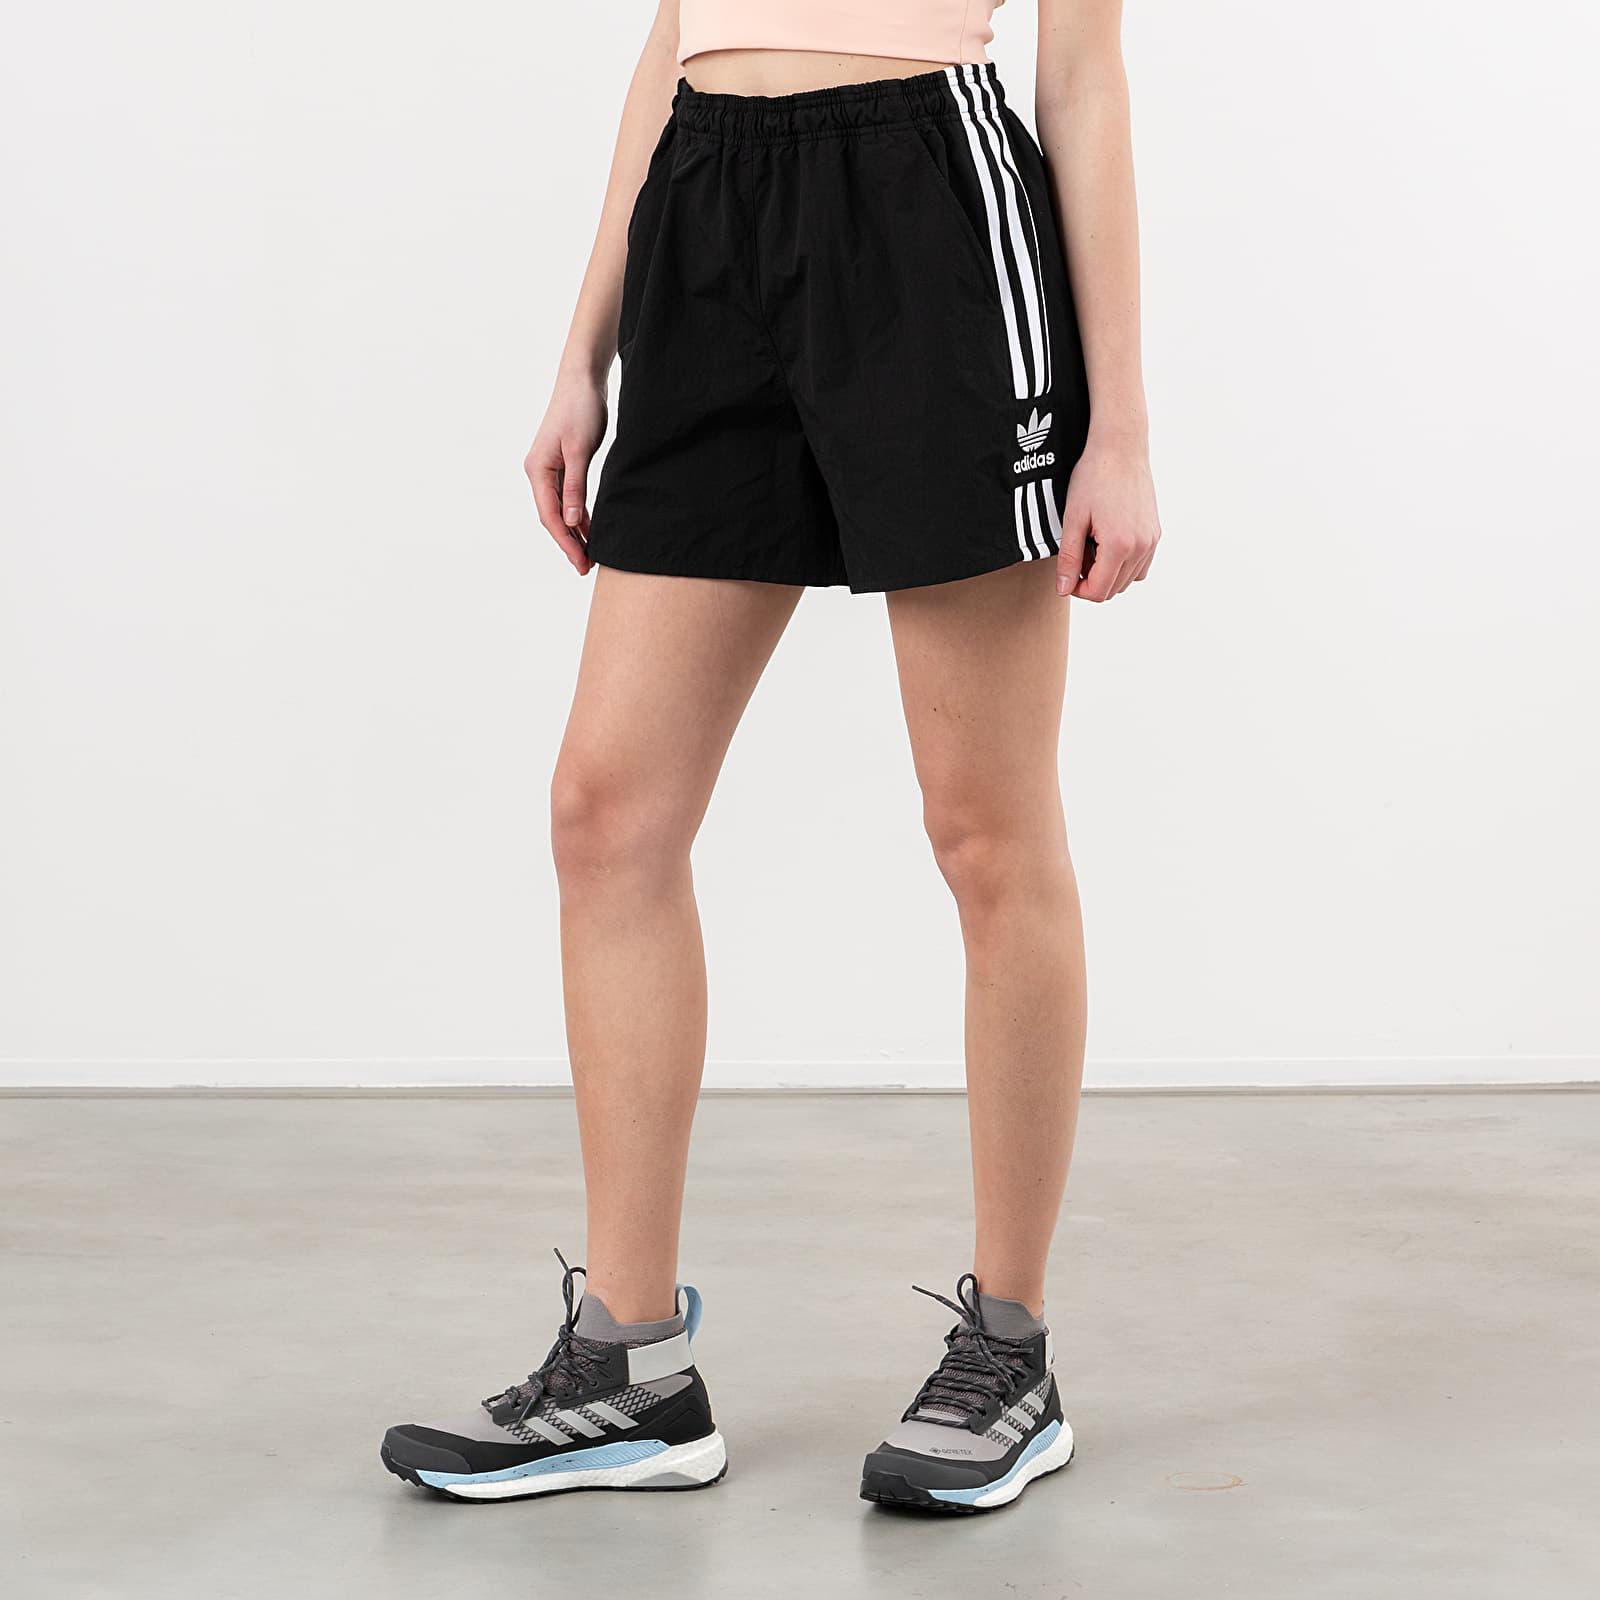 Shorts adidas Shorts Black/ White